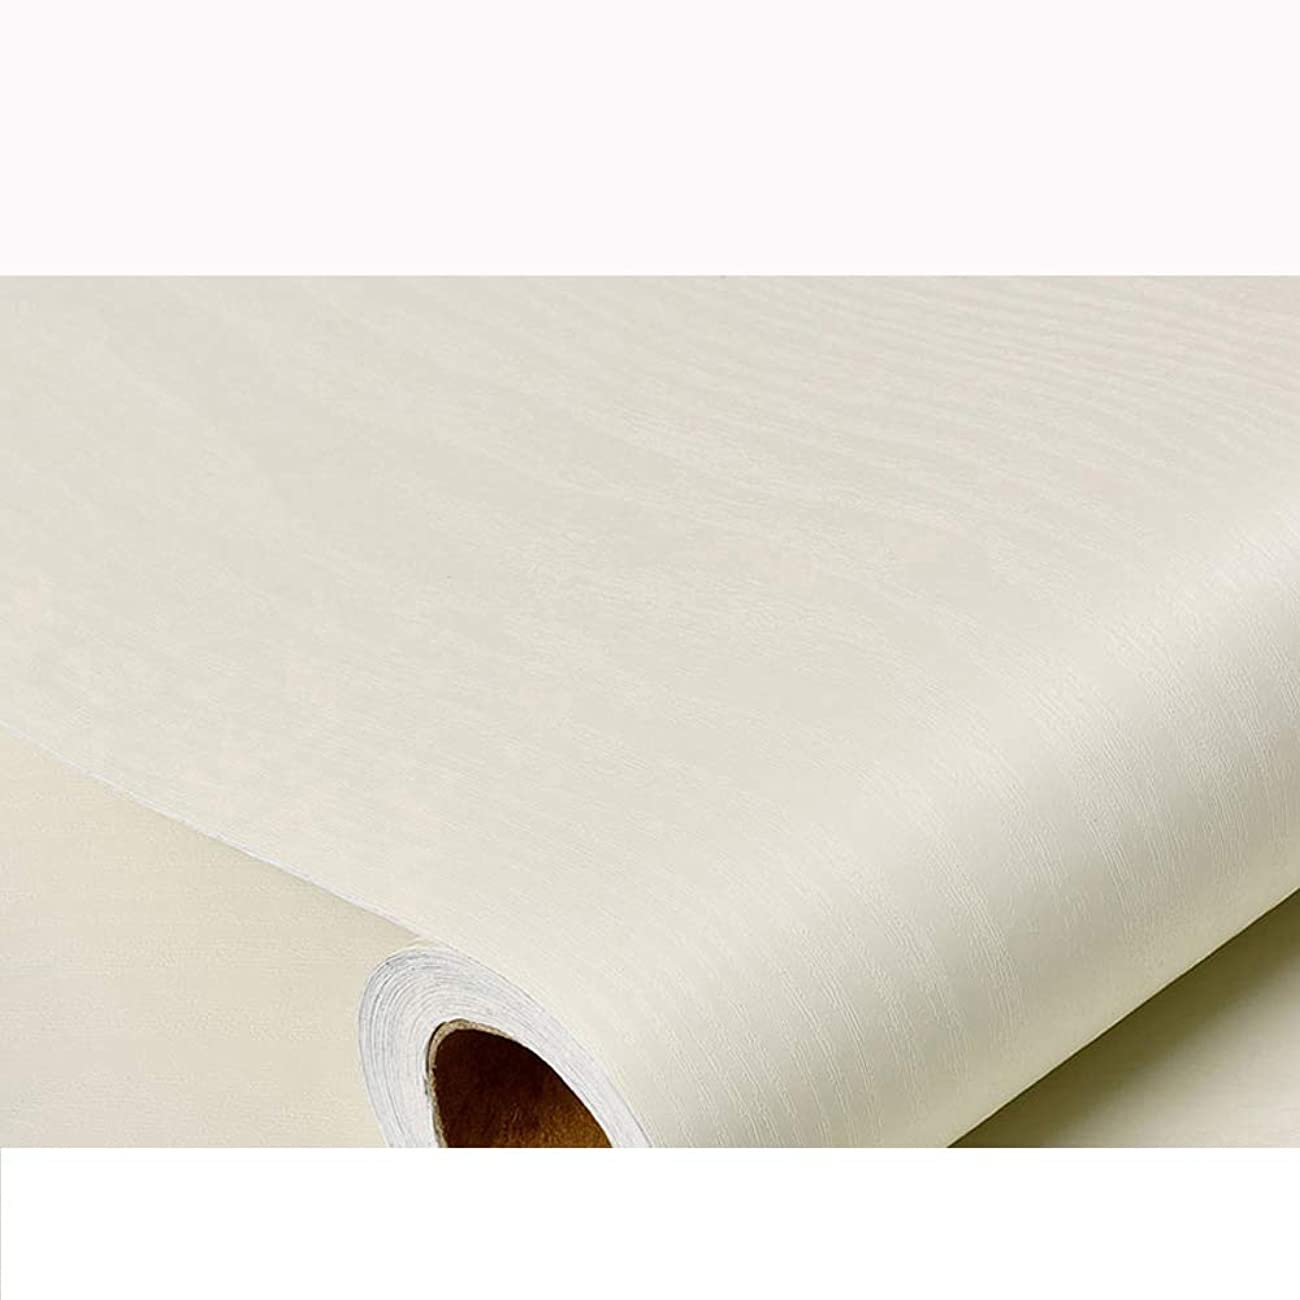 ハンバーガー投資川Yiwanda 壁紙シール おしゃれ DIY 木目調 壁紙の上から貼れる壁紙 木目リメイクシート 張り替え 防水 キッチン トイレ (60*1000cm,5)